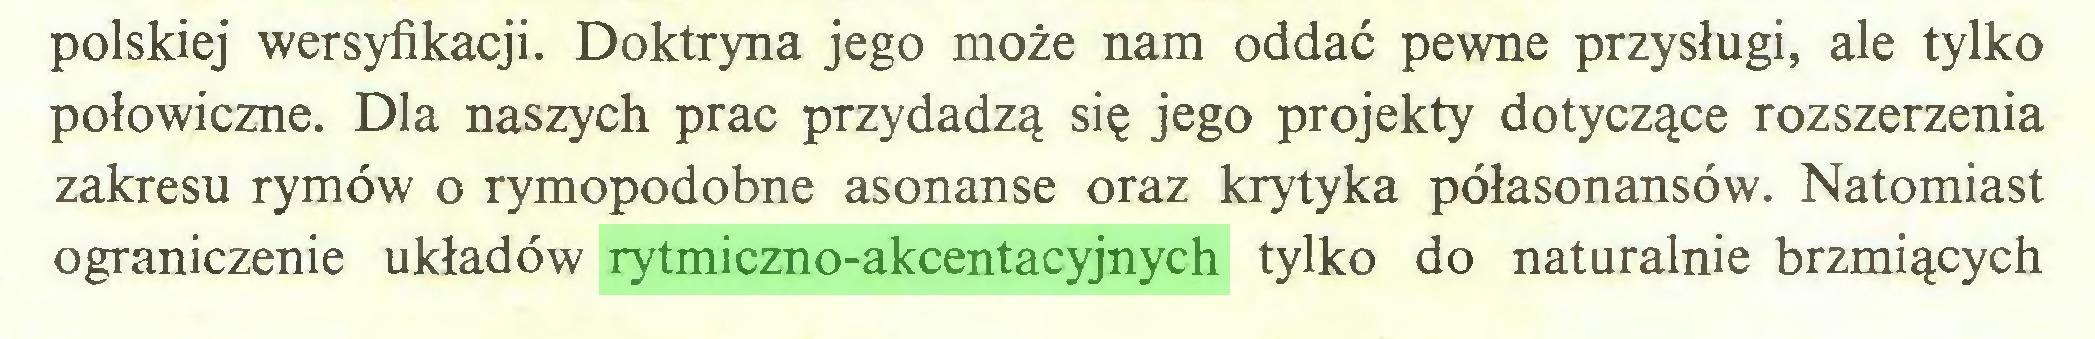 (...) polskiej wersyfikacji. Doktryna jego może nam oddać pewne przysługi, ale tylko połowiczne. Dla naszych prac przydadzą się jego projekty dotyczące rozszerzenia zakresu rymów o rymopodobne asonanse oraz krytyka półasonansów. Natomiast ograniczenie układów rytmiczno-akcentacyjnych tylko do naturalnie brzmiących...